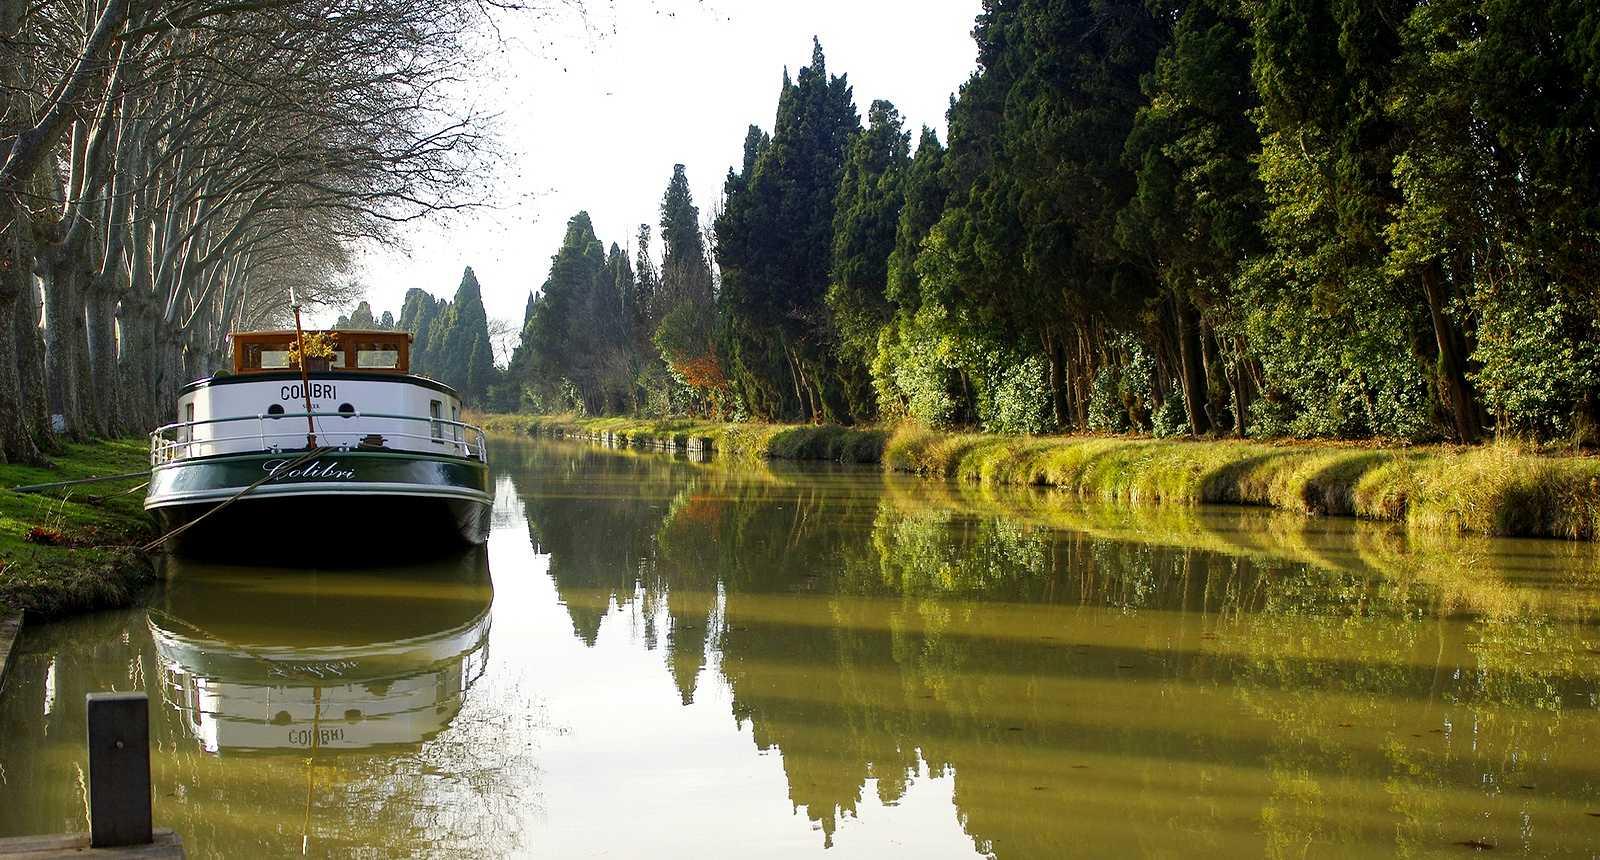 Le Canal du Midi dans le Minervois